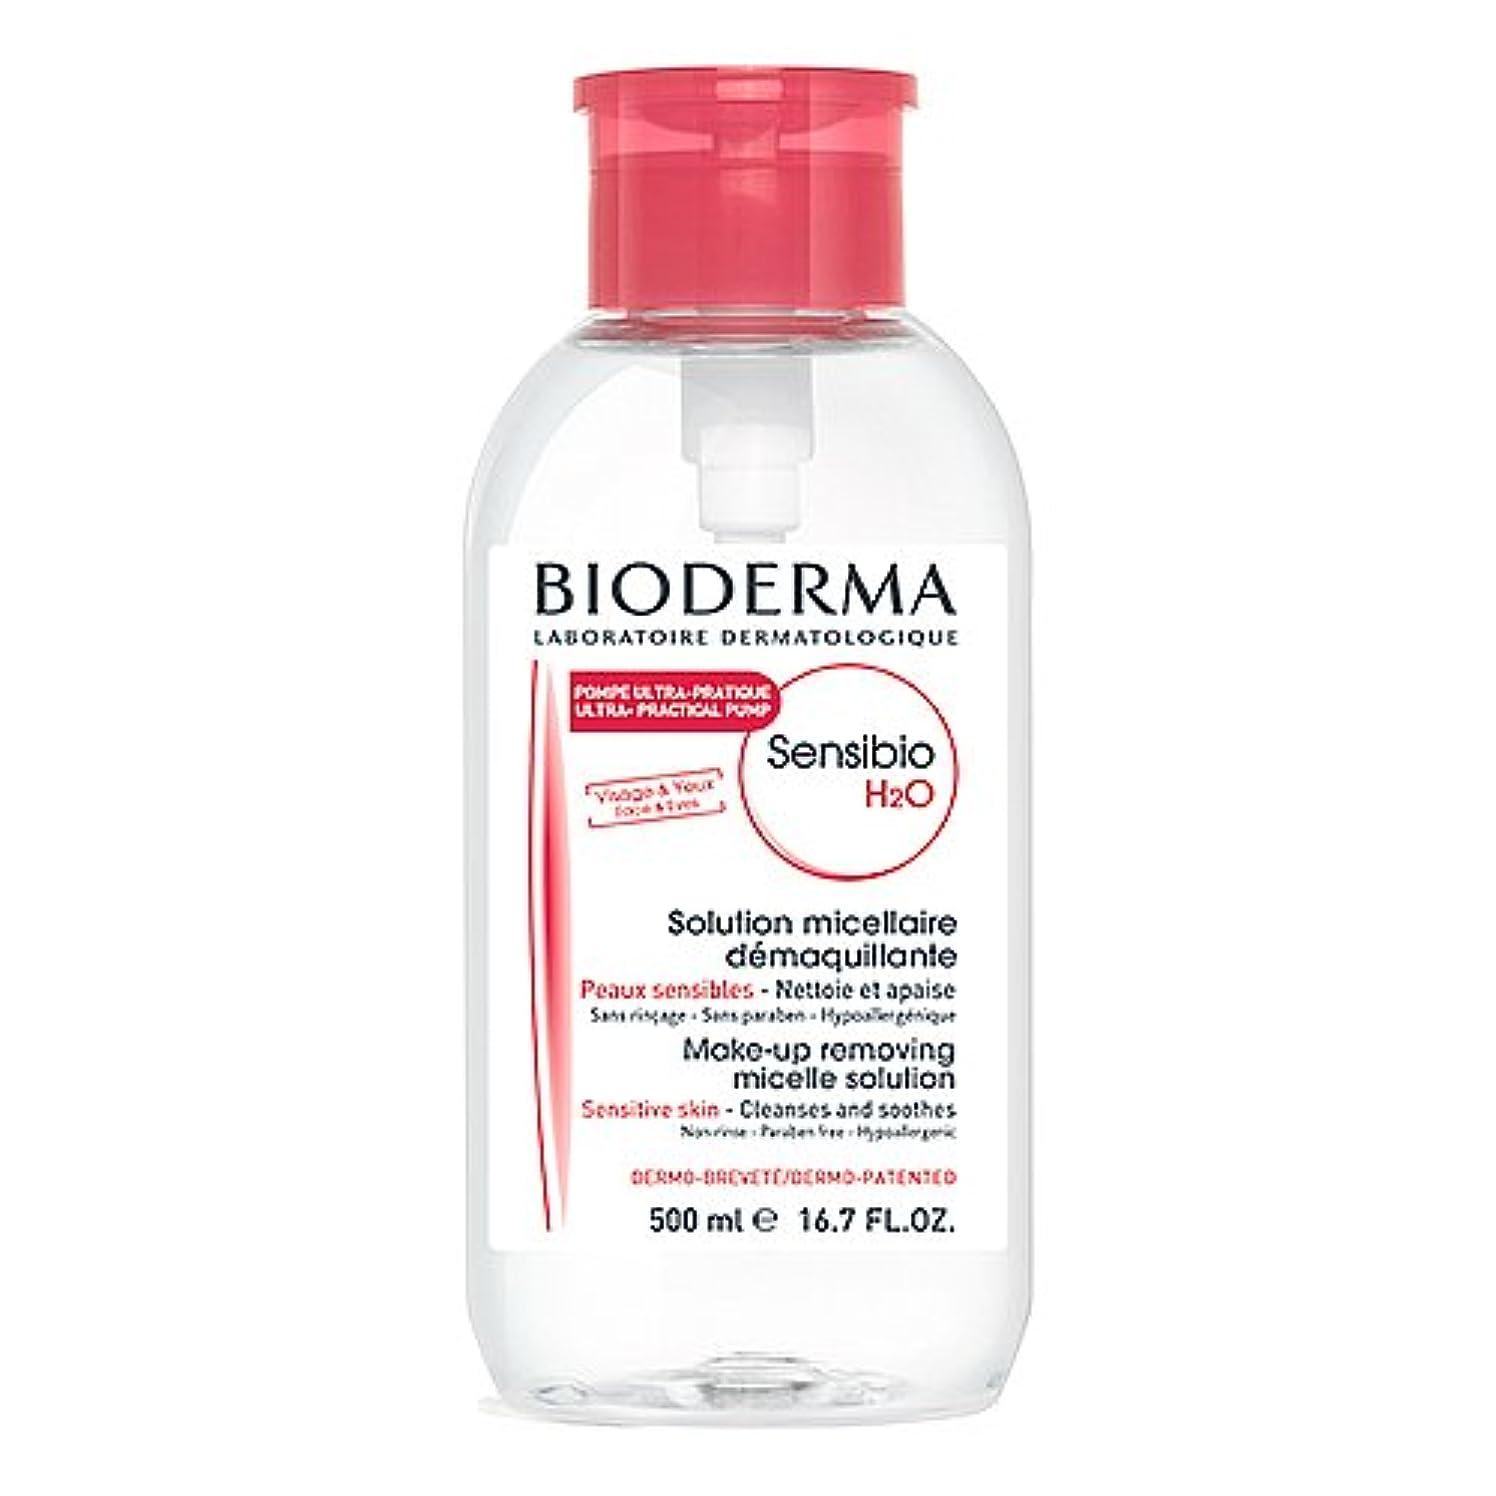 キラウエア山風邪をひく内部ビオデルマ BIODERMA サンシビオ H2O エイチツーオー D 500ml ポンプタイプ